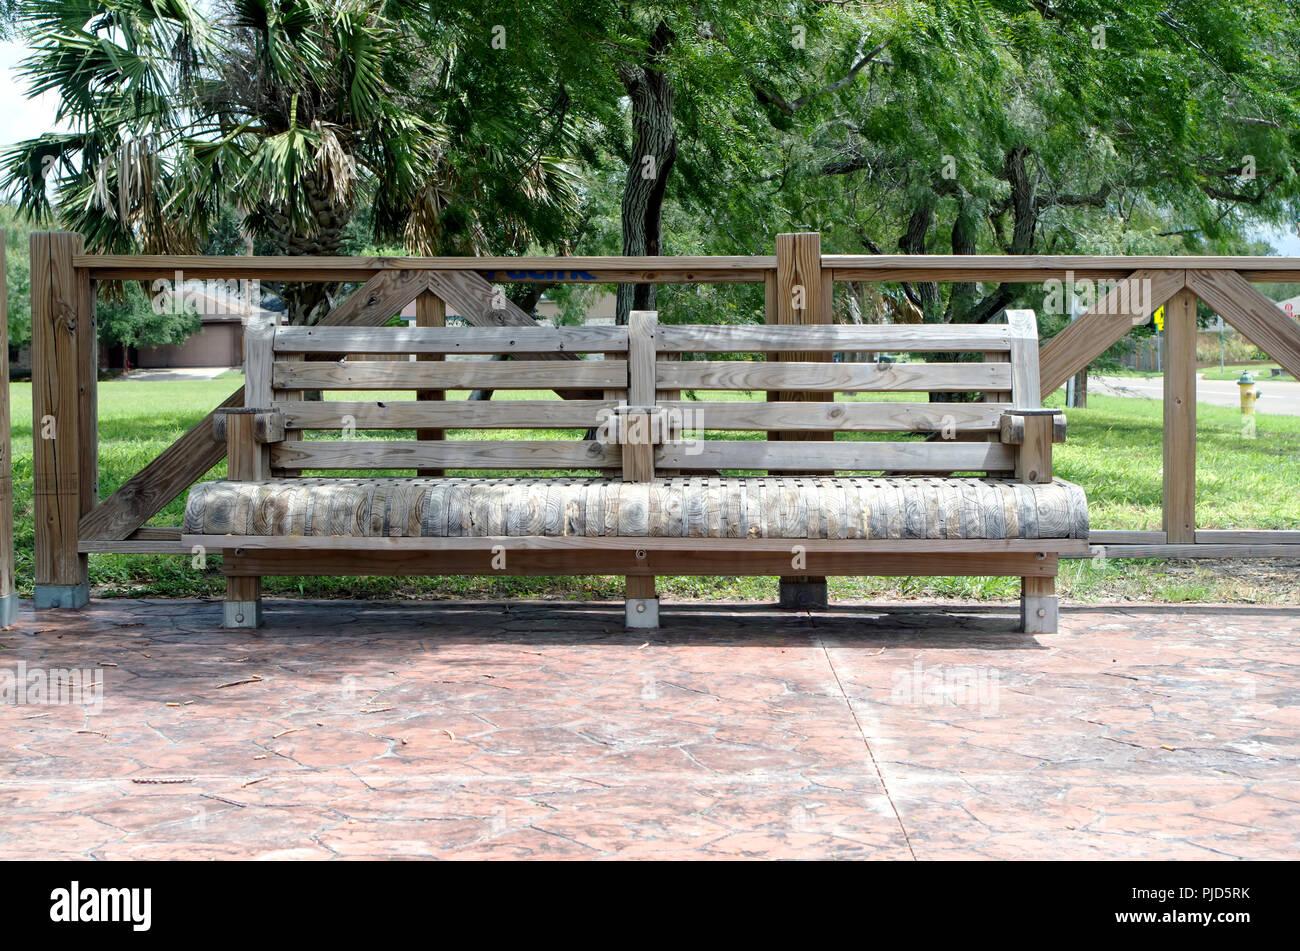 Un robusto bancale in legno di stile insolito è fissata in modo permanente al calcestruzzo stampigliato (vista 1.) Schanen trekking e bike trail Corpus Christi, Texas USA. Immagini Stock